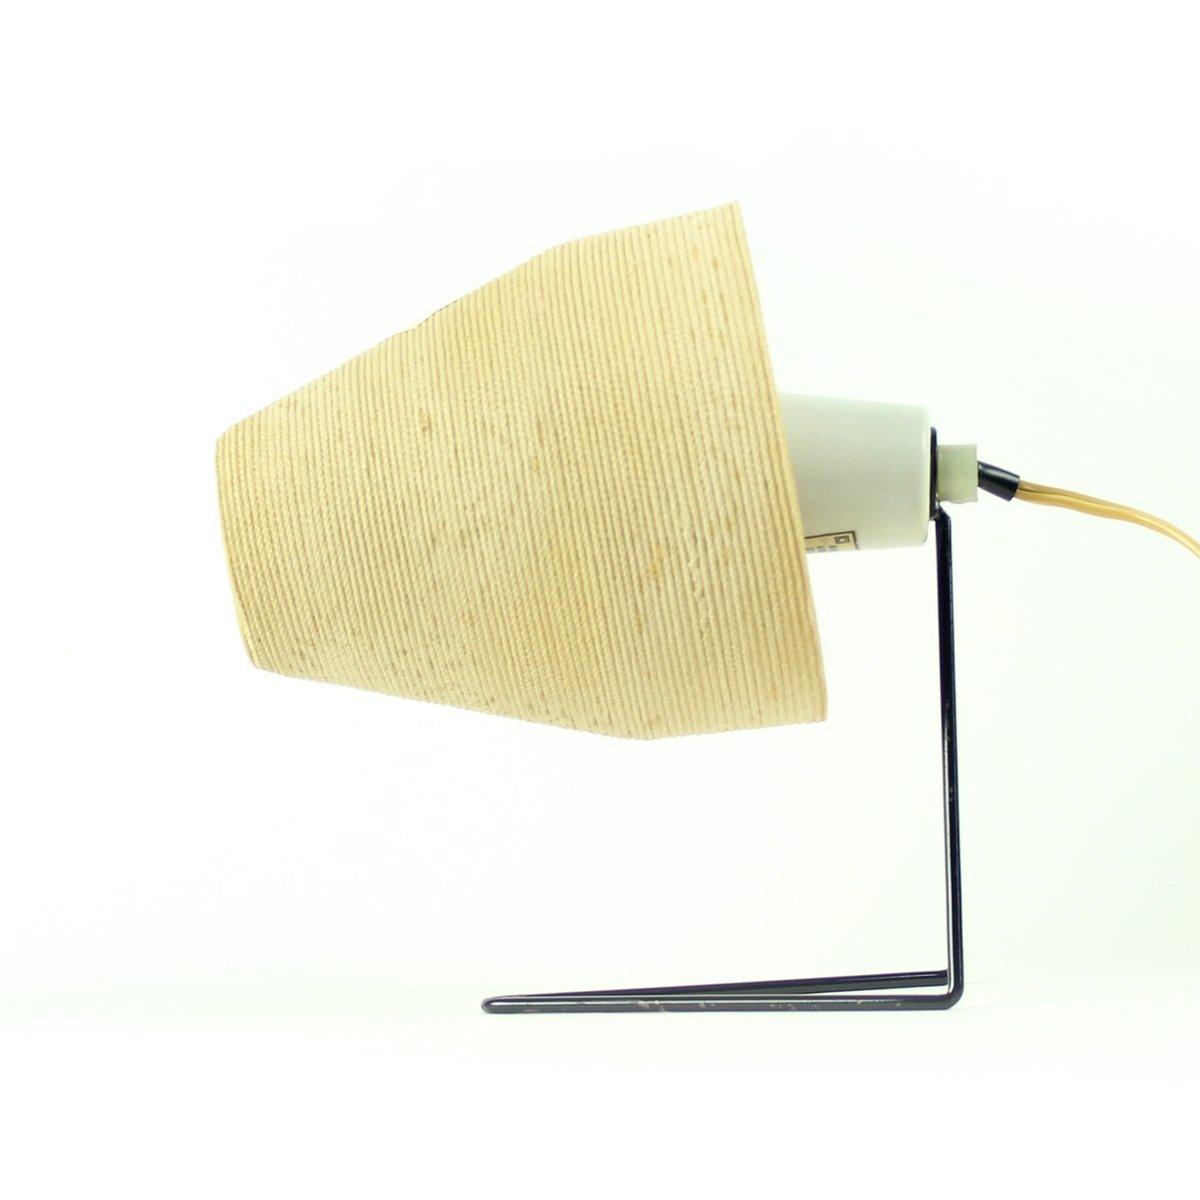 lampe de bureau ou applique murale industrielle de pokrok tch coslovaquie 1950s en vente sur. Black Bedroom Furniture Sets. Home Design Ideas